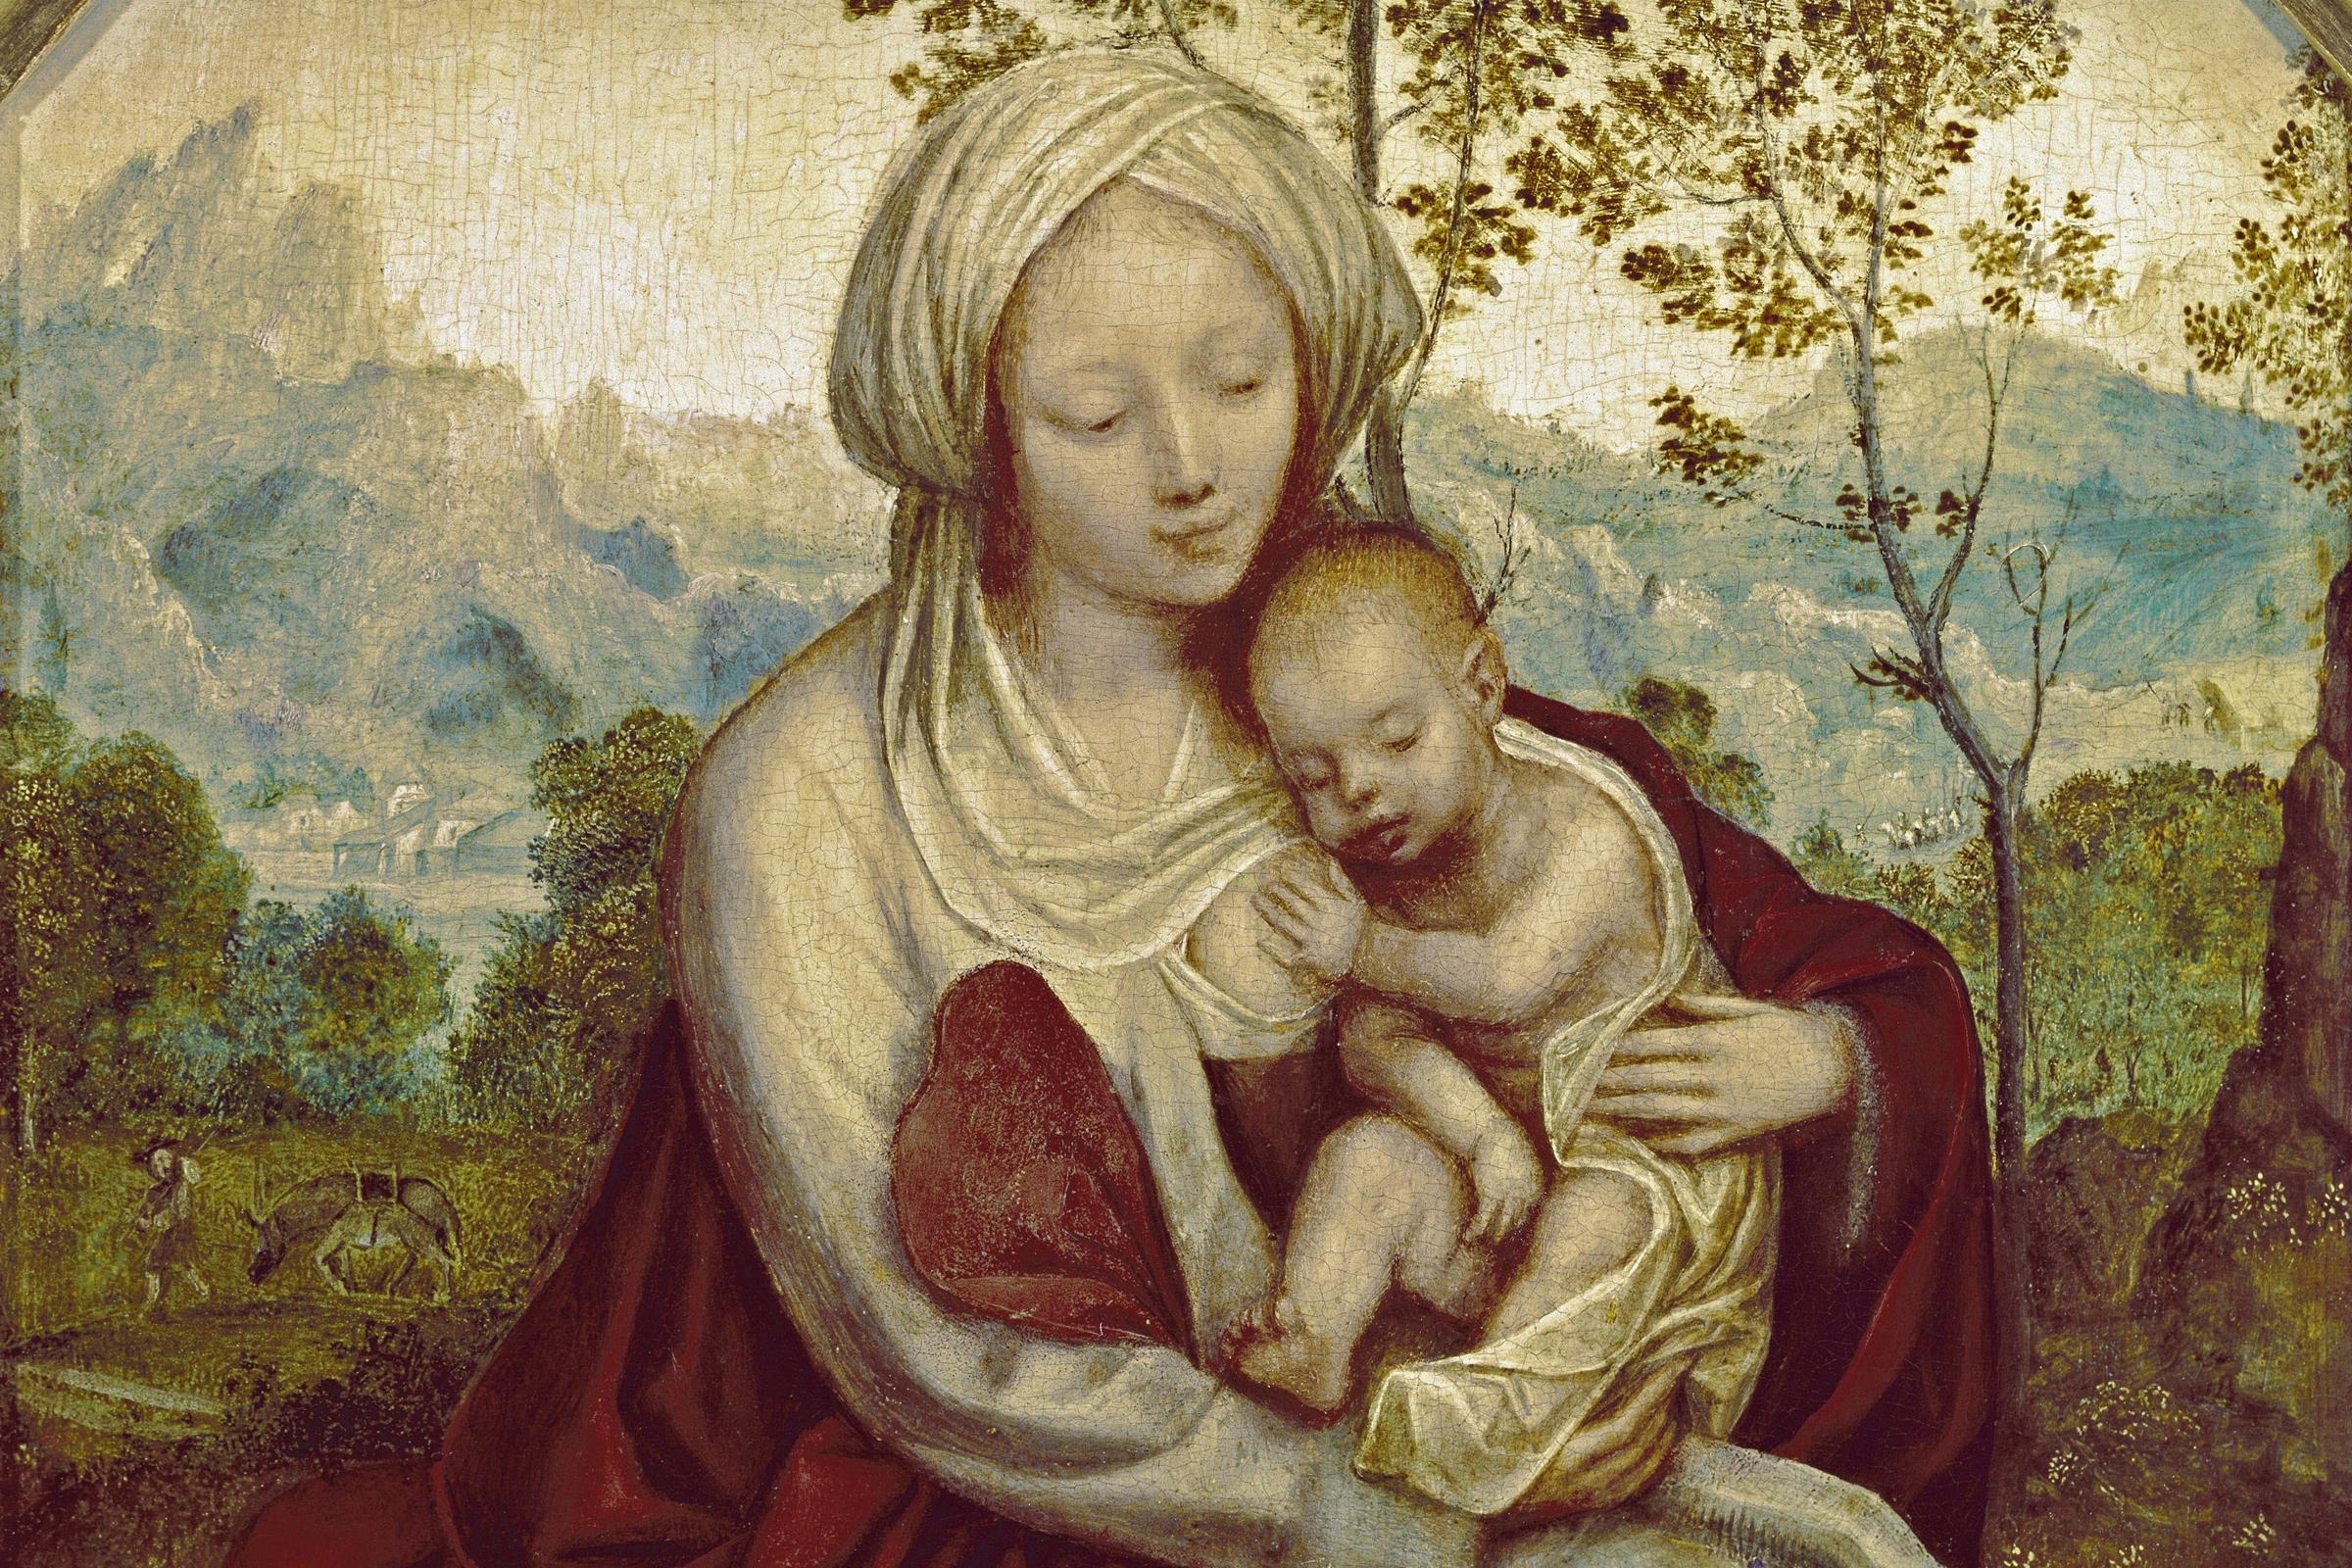 100 újszülött keresztény randi